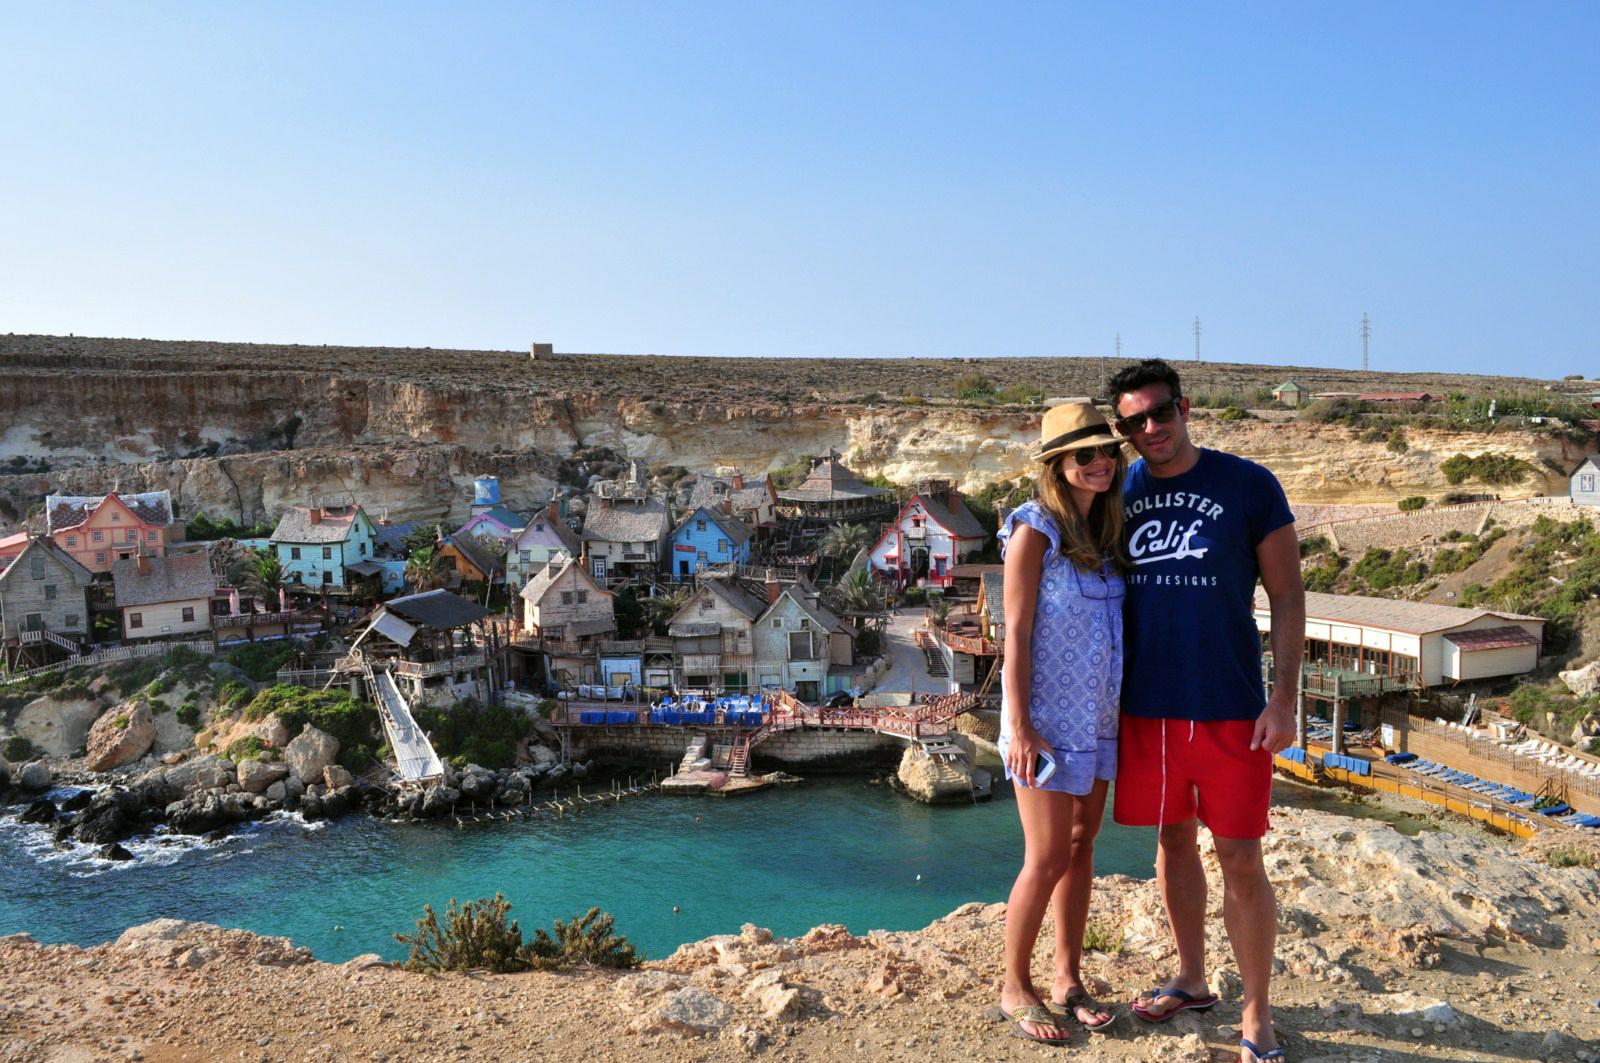 La bahía donde está el pueblo es un lugar precioso sweethaven village - 9394524570 2dc1c483c6 o - Sweethaven Village, el pequeño pueblo maltés donde vive Popeye